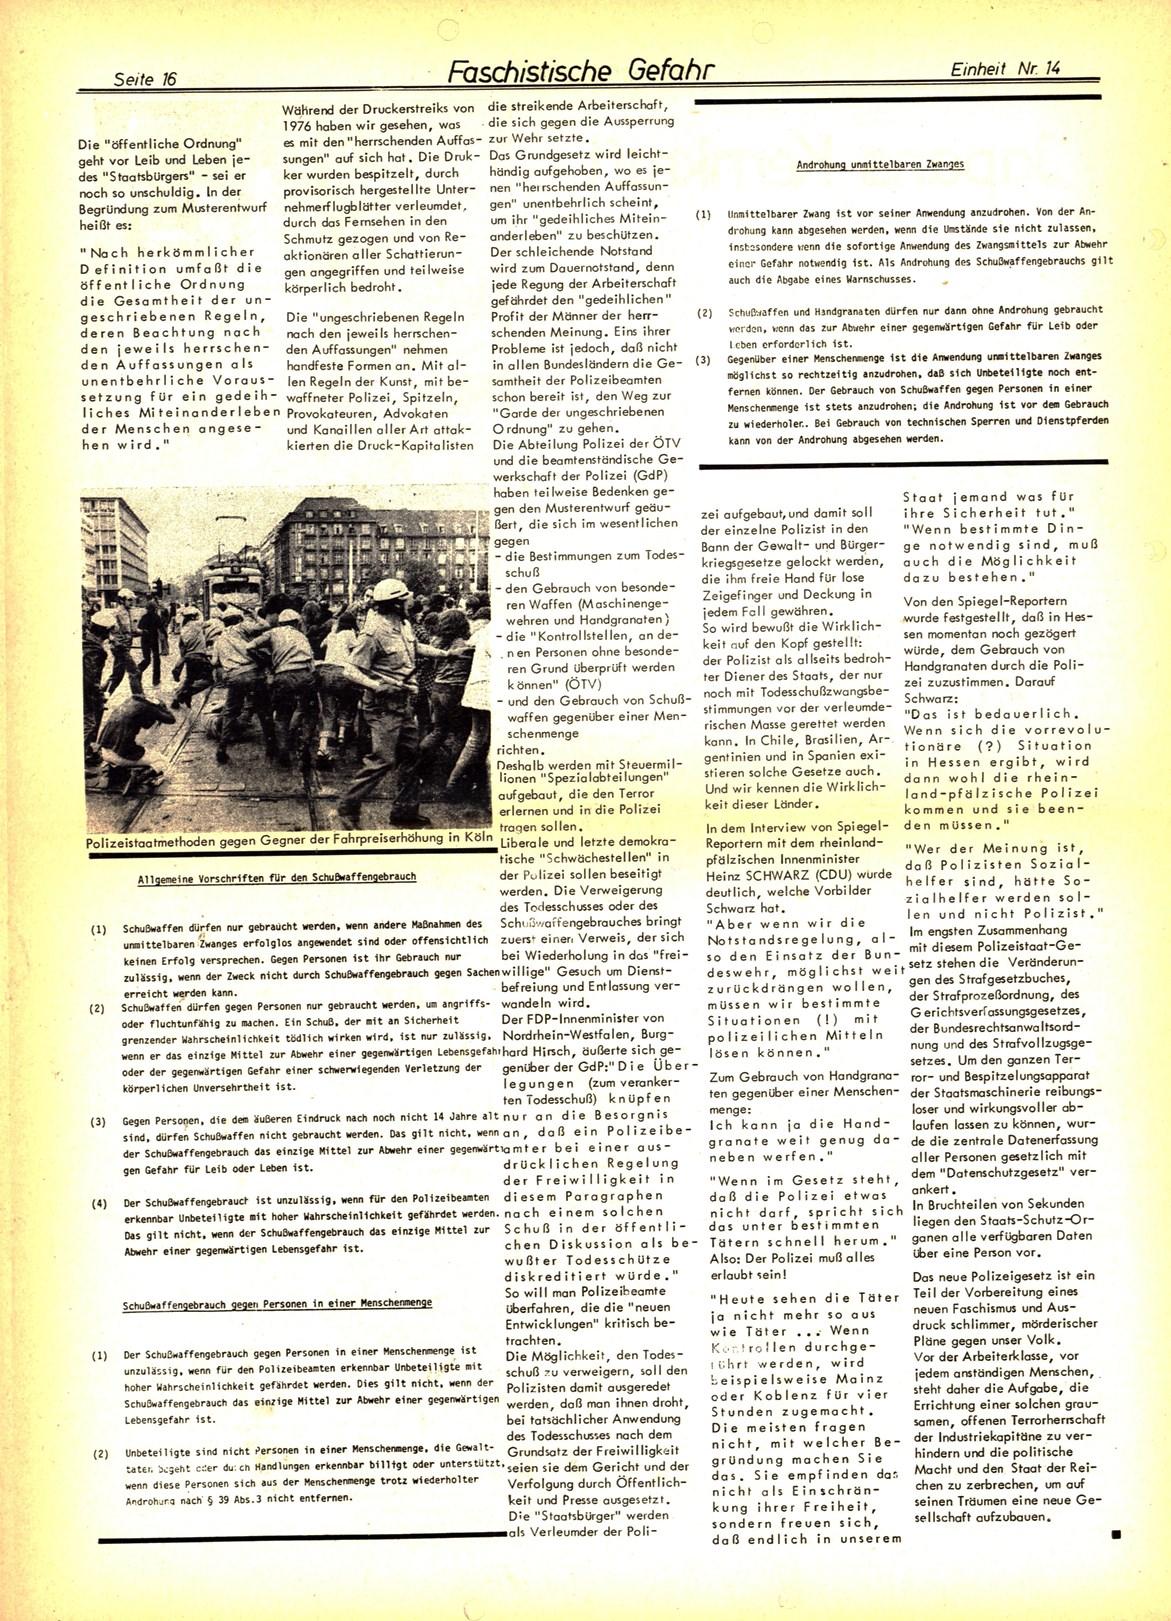 Koeln_IPdA_Einheit_1977_014_016